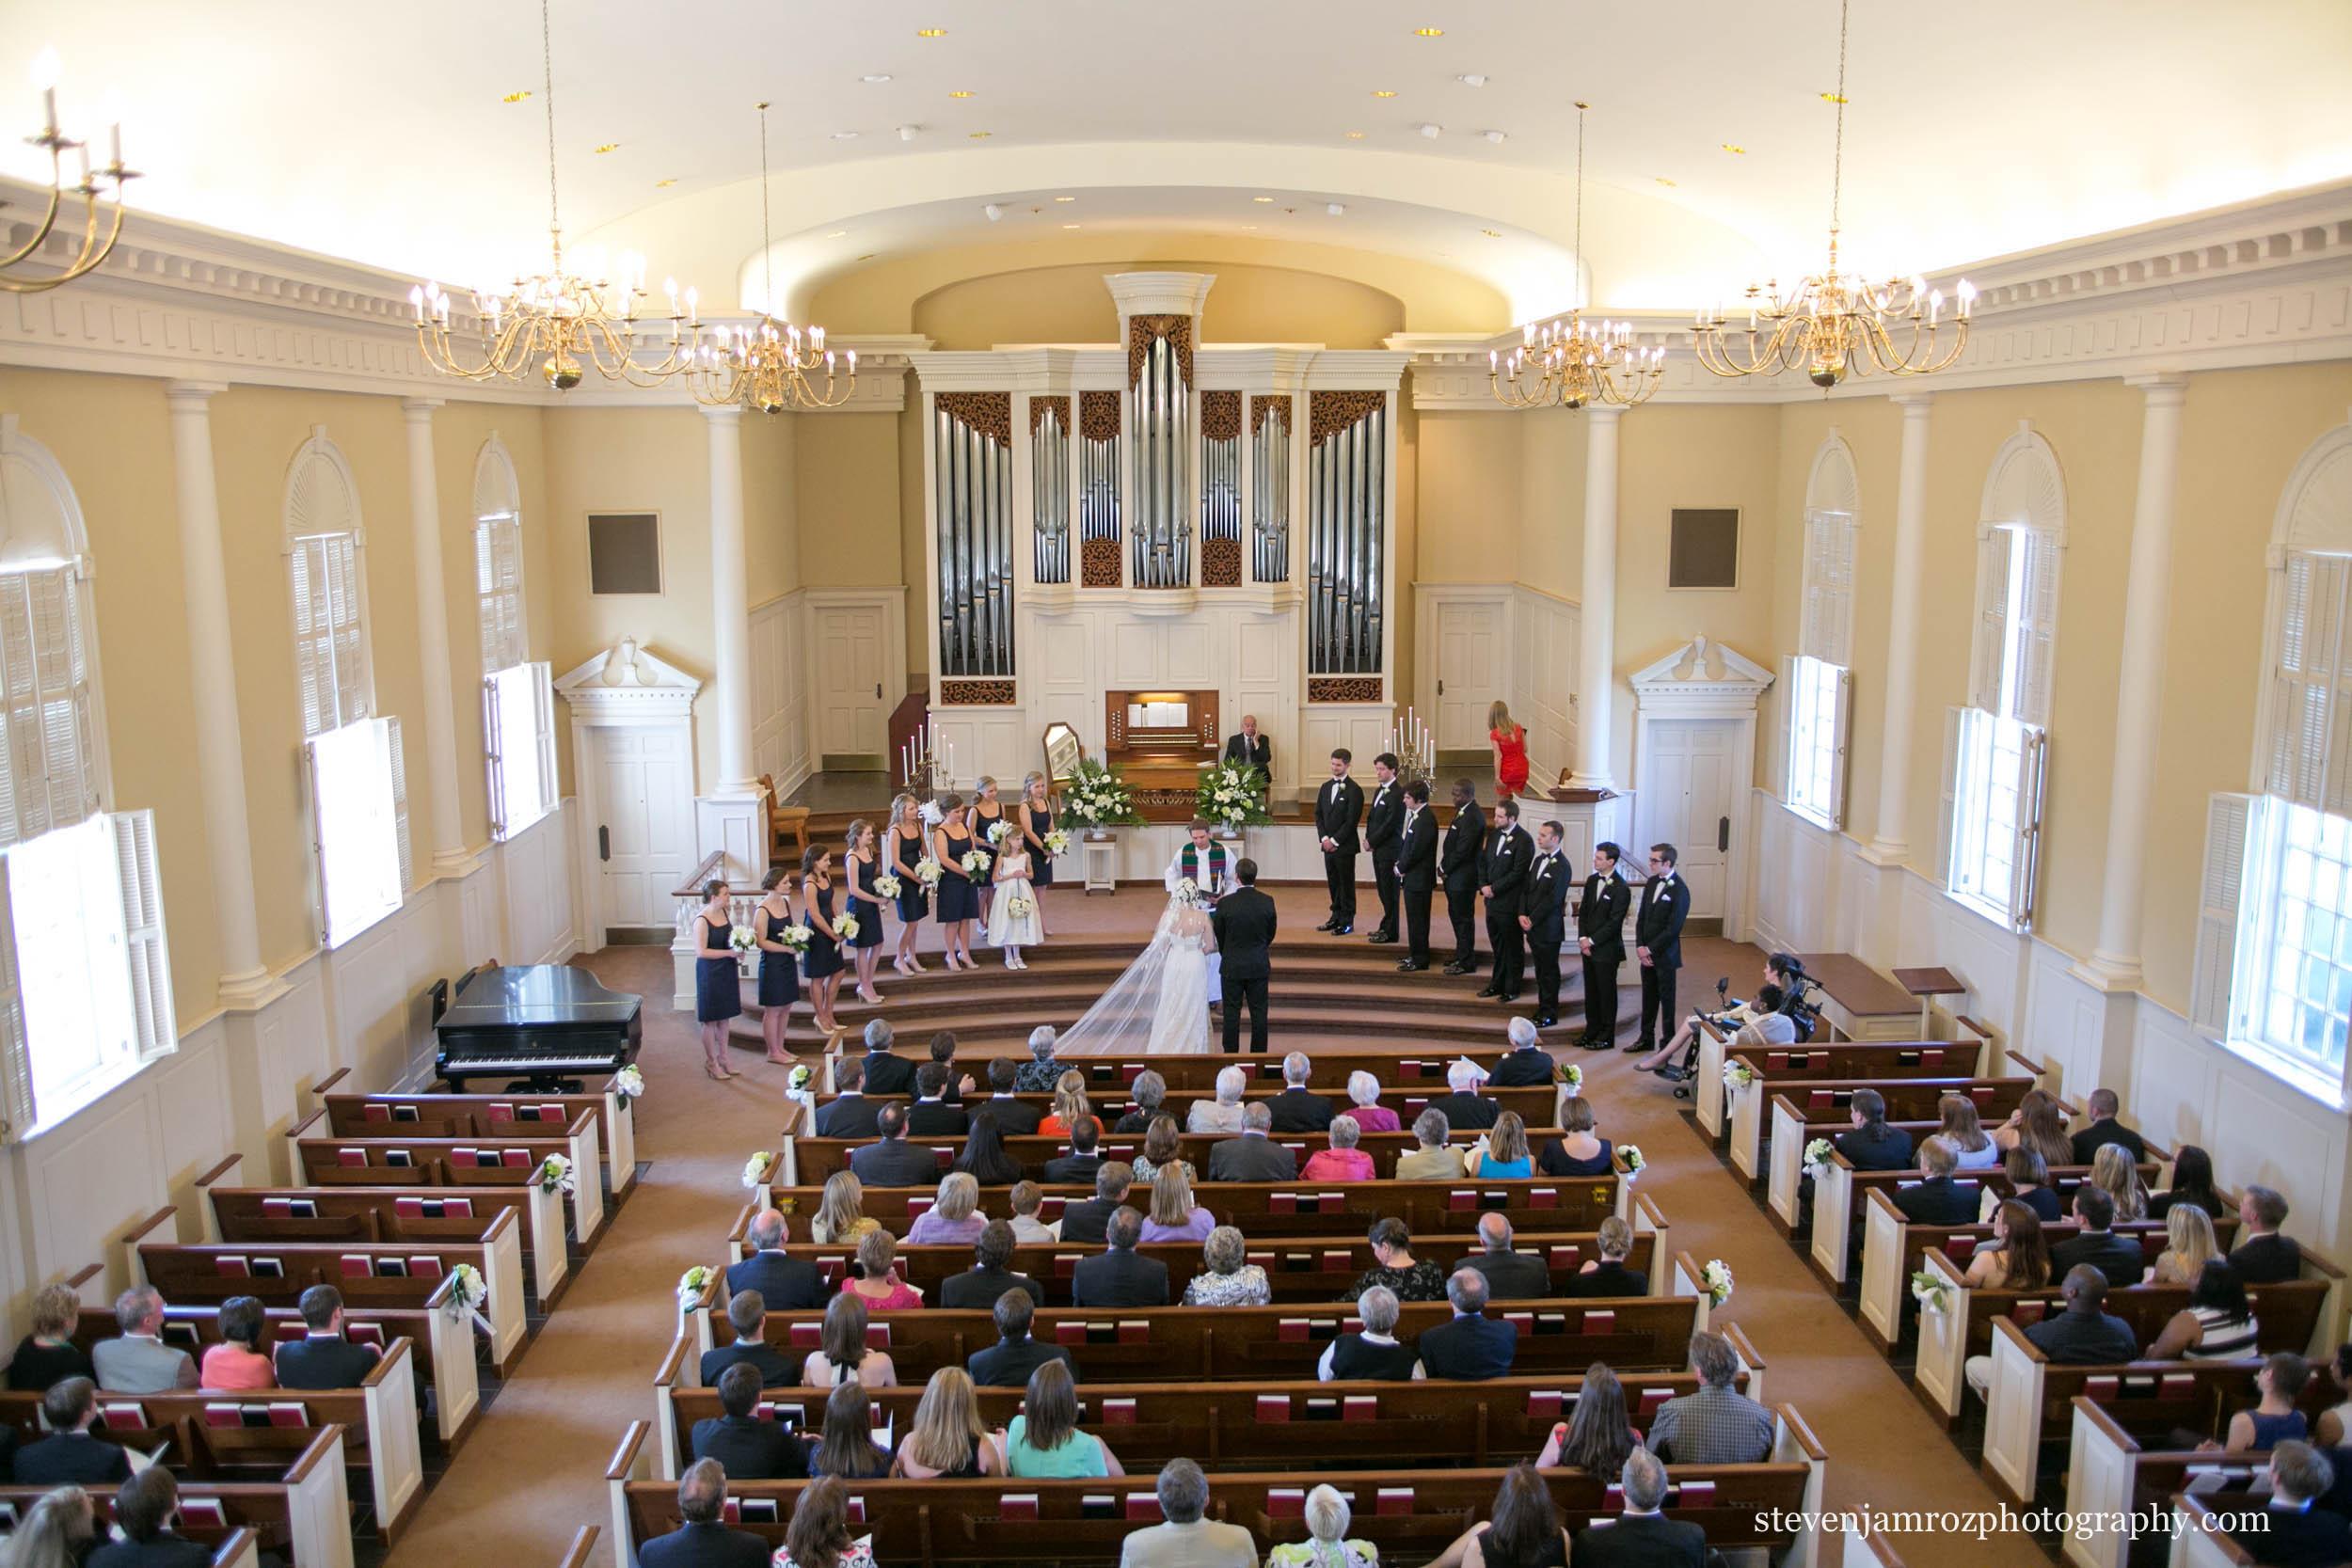 jones-chapel-meredith-college-wedding-photographer-steven-jamroz-0651.jpg